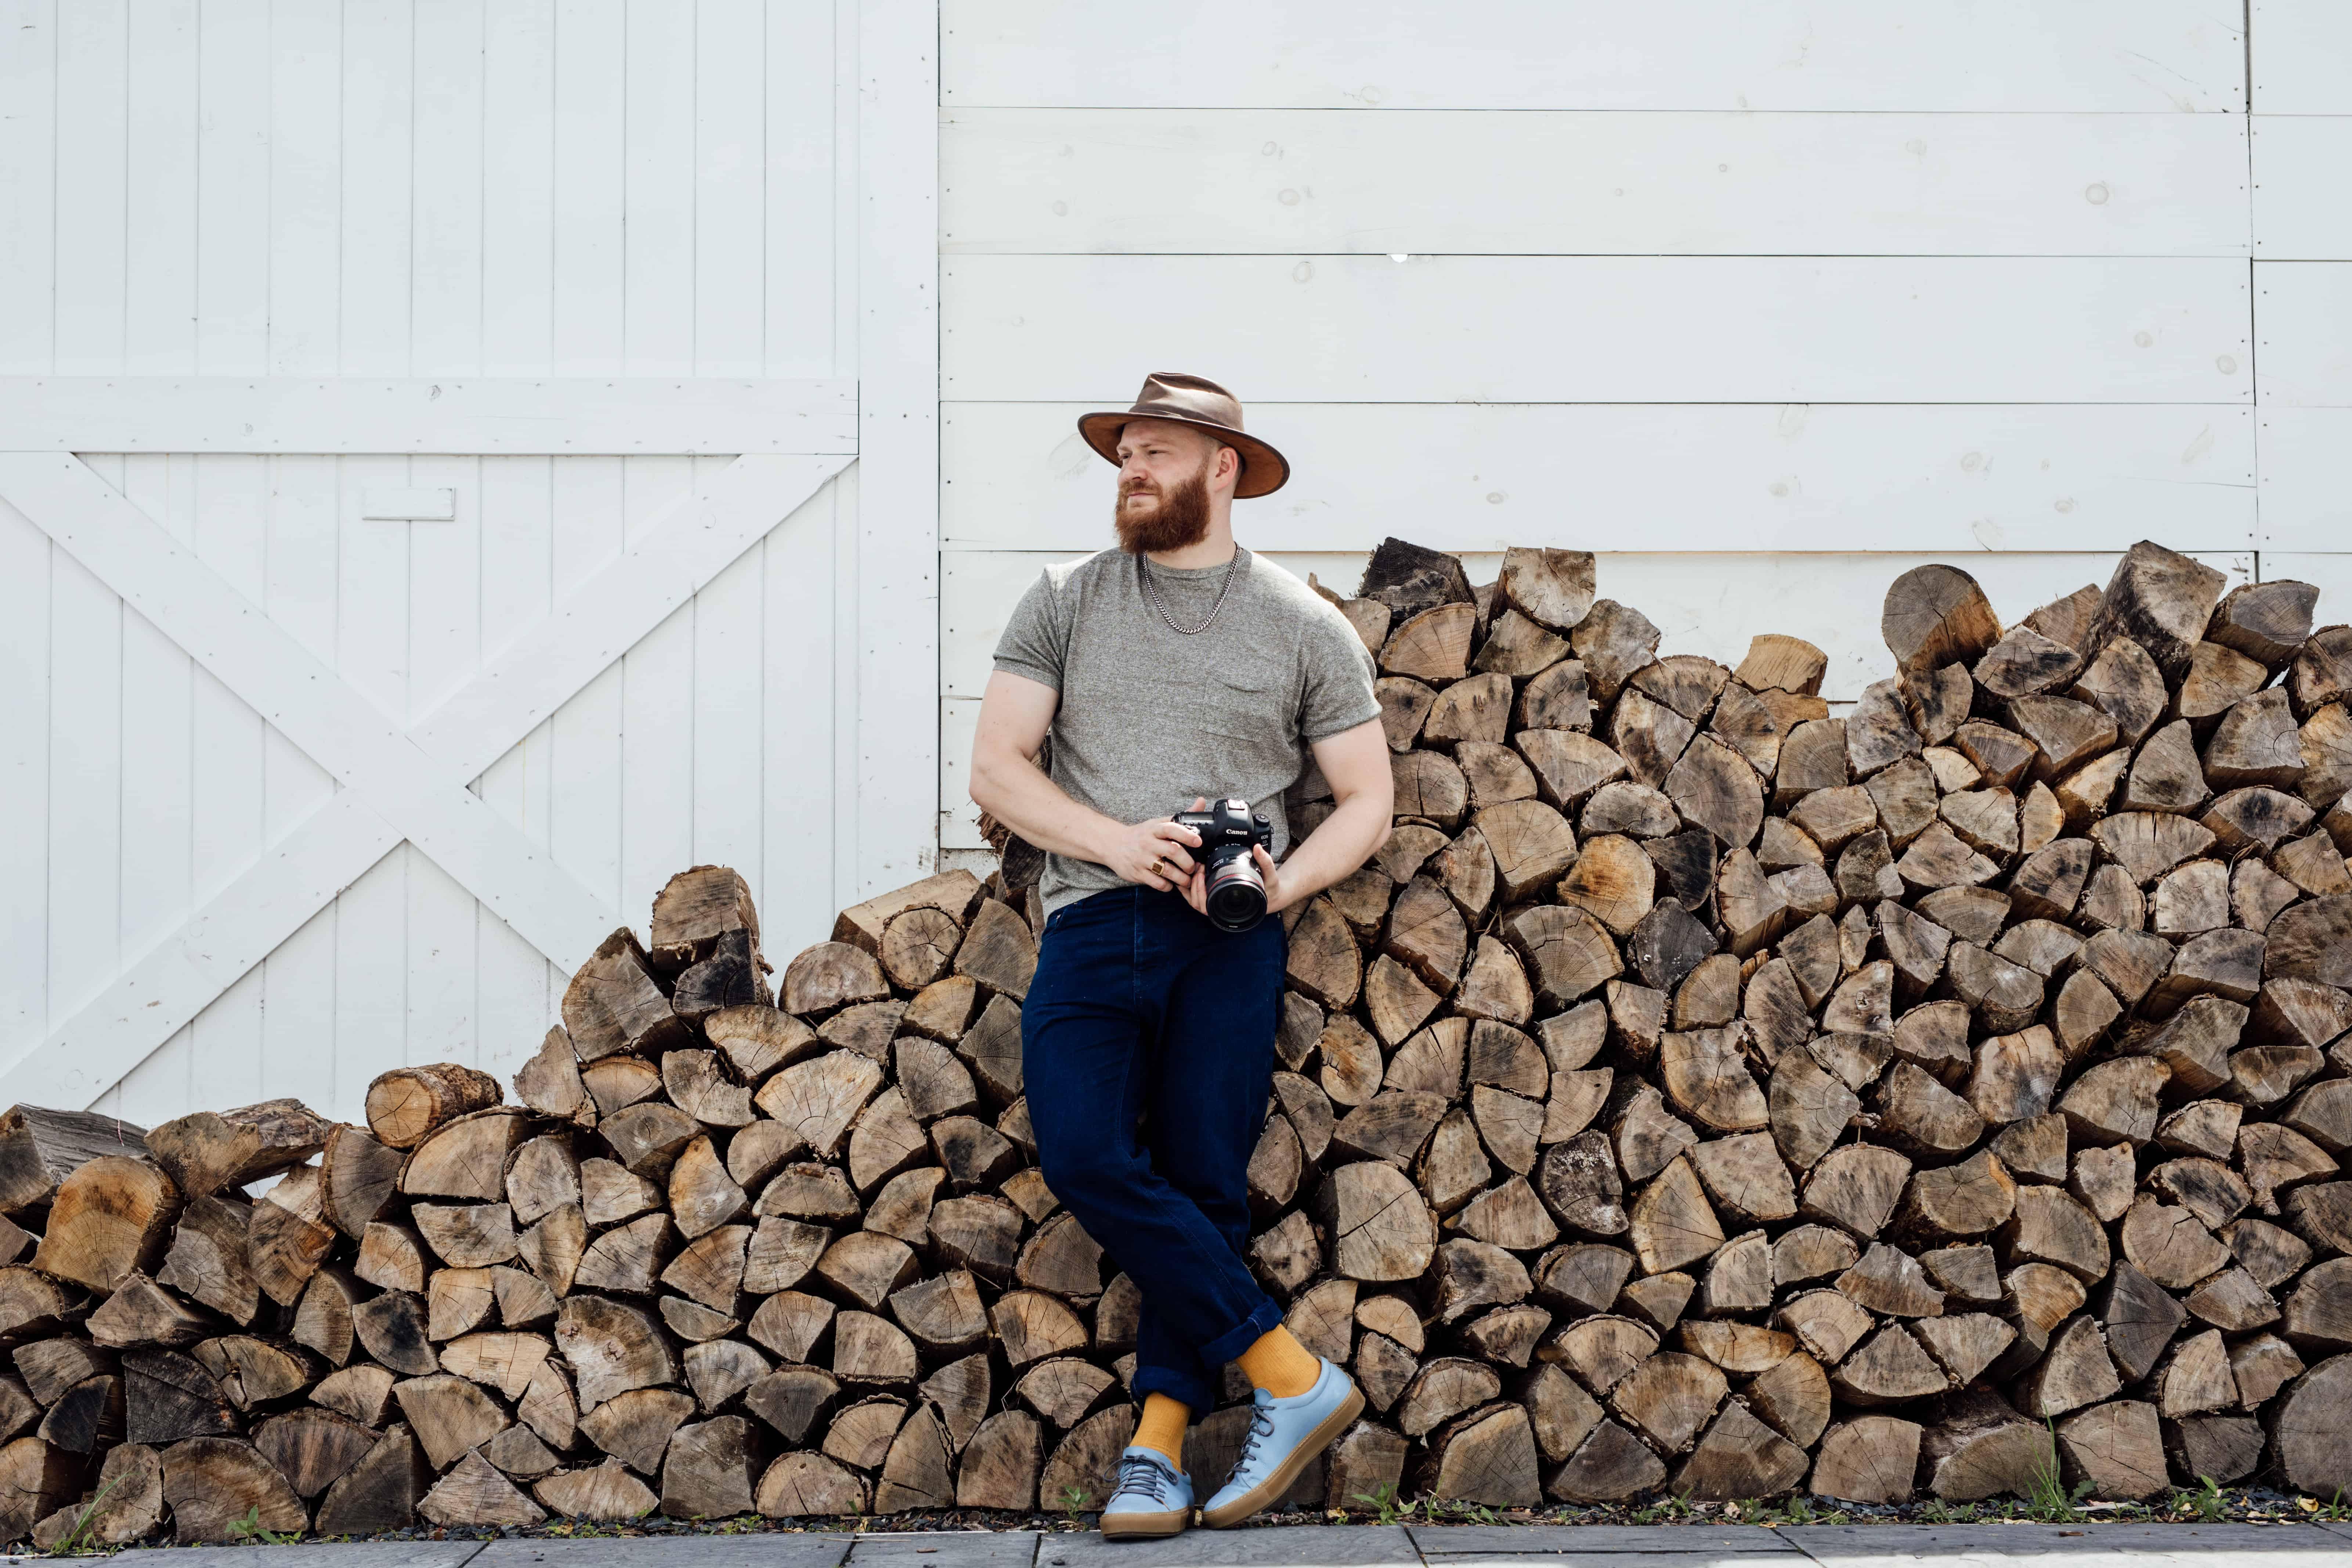 Evan Kalman Audreys Farmhouse Woodpile